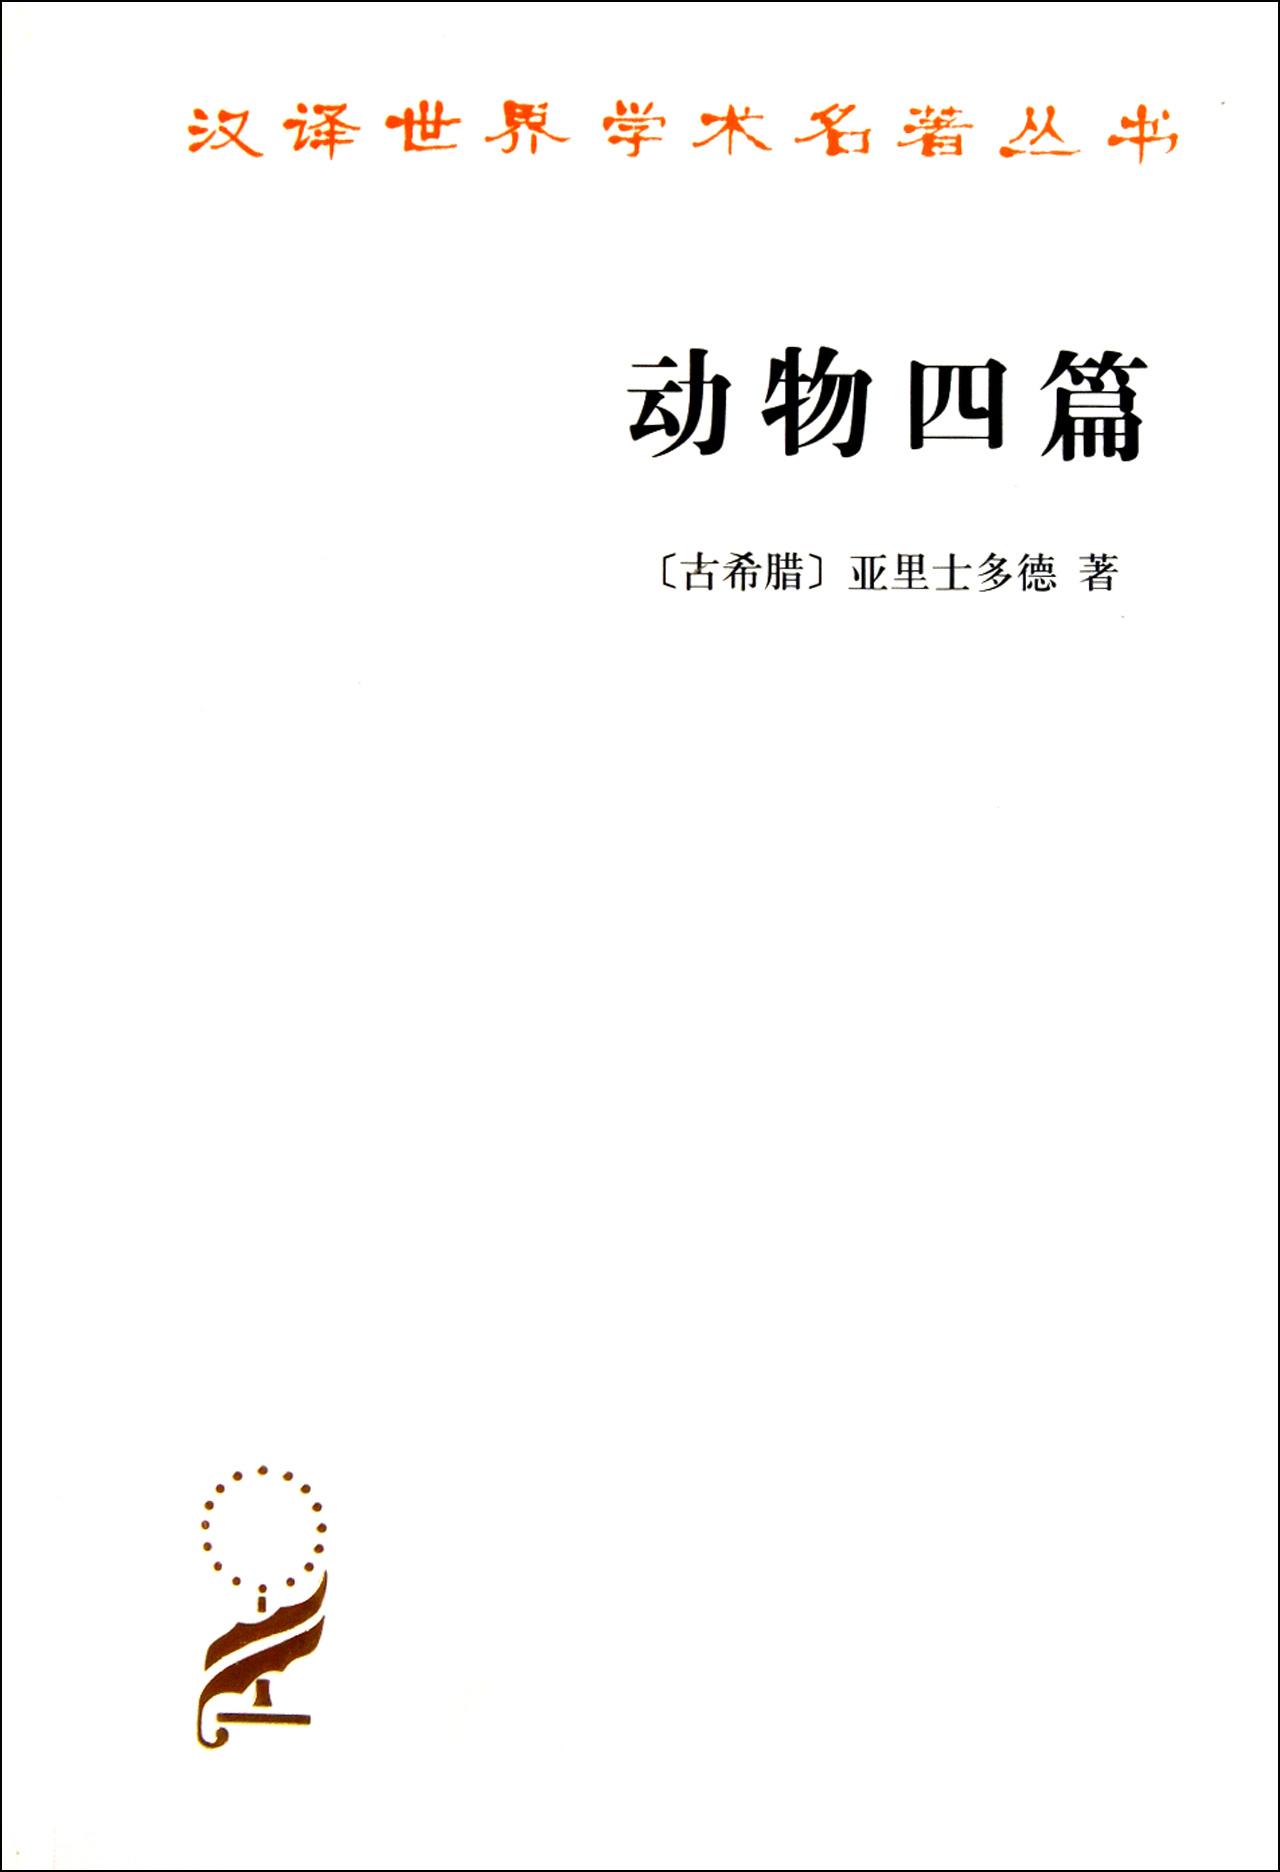 中国动物志(昆虫纲第52卷鳞翅目粉蝶科)(精)